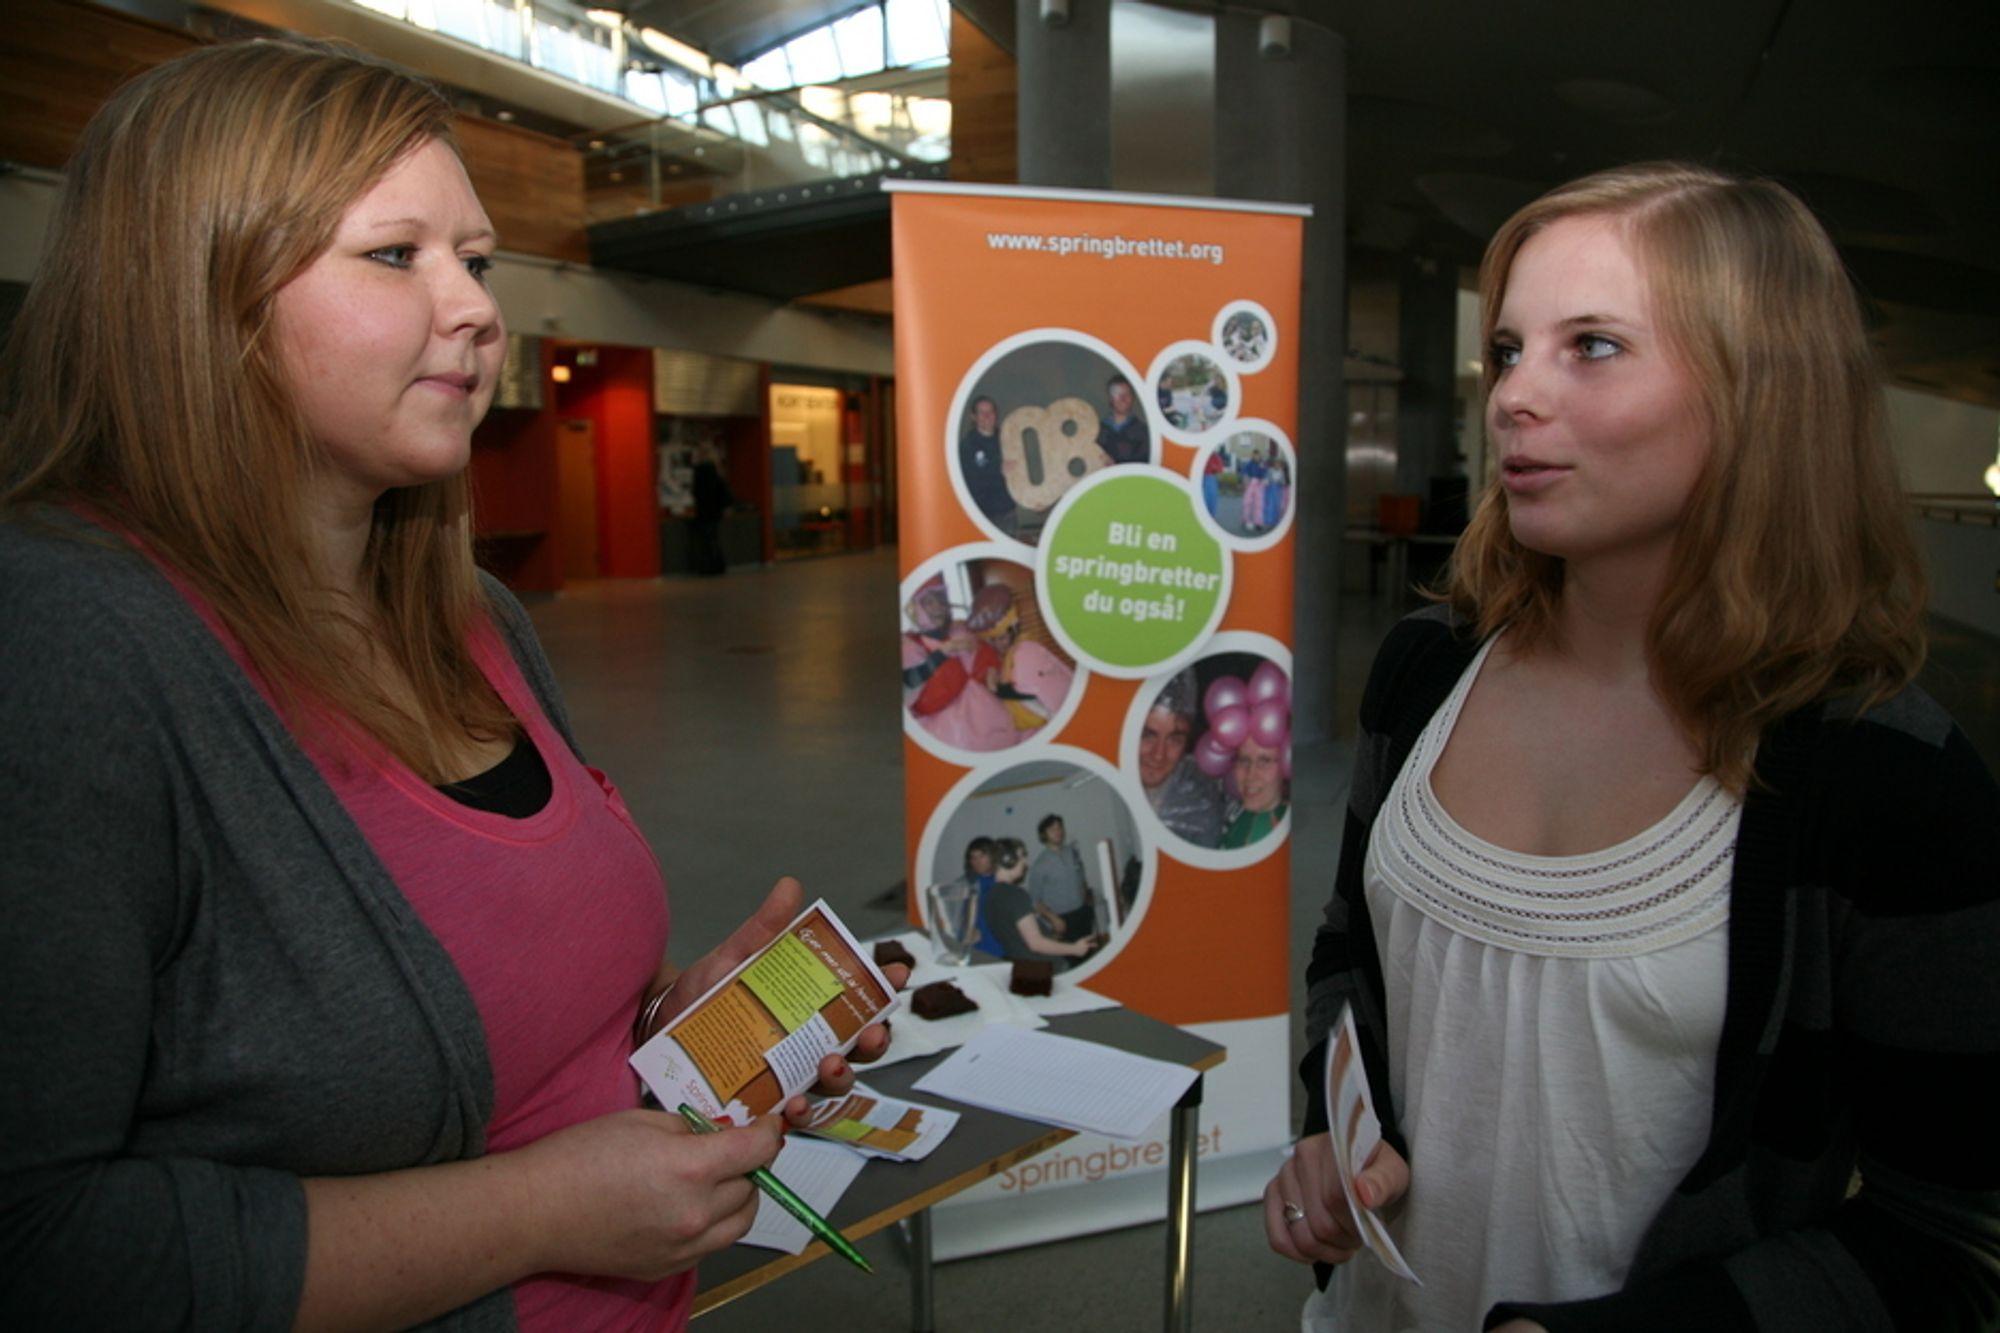 KARAKTERER: Kristin Grebstad (til venstre) og Rannveig Ulvahaug, som studerer ved Universitetet i Bergen, mener det gode undervisningsopplegget er avgjørende.